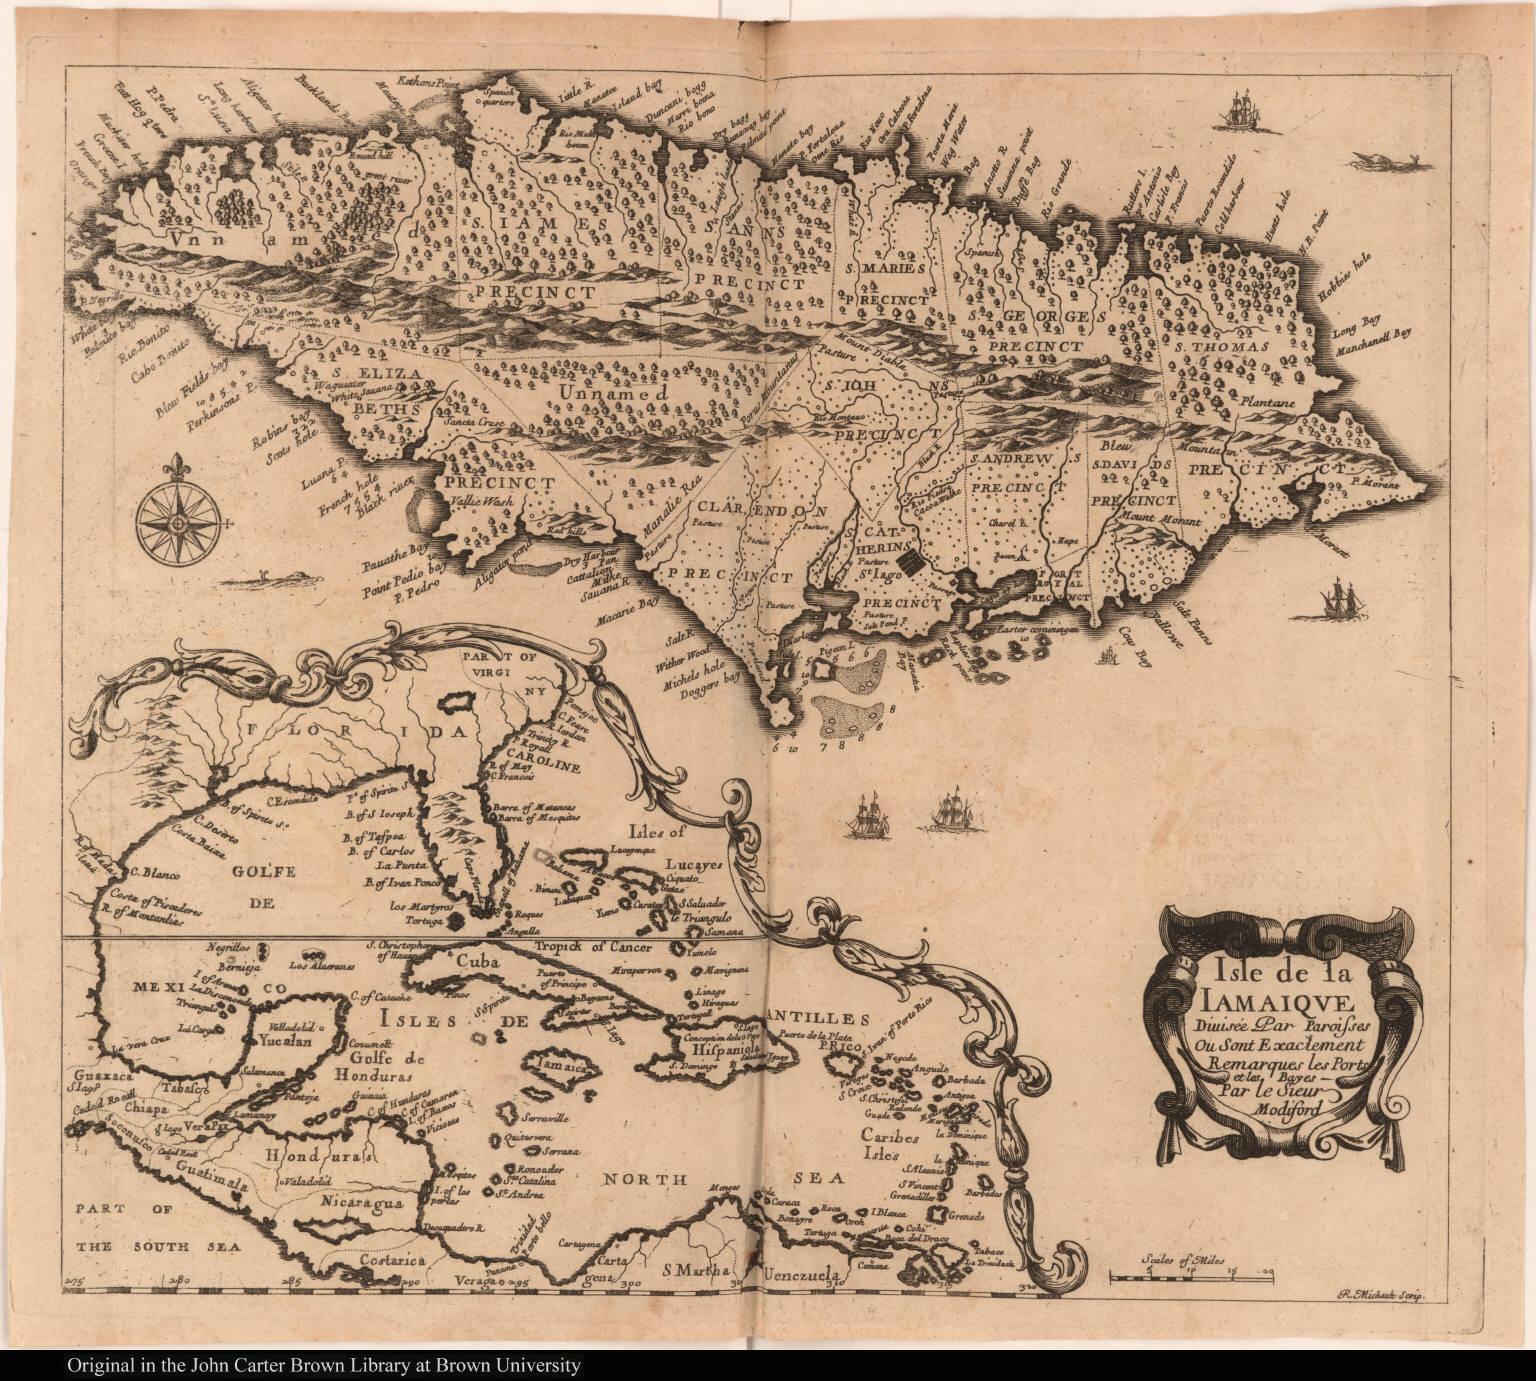 Isle de la Iamaique Divisée Par Paroisses Ou Sont Exactement Remarques les Ports et les Bayes